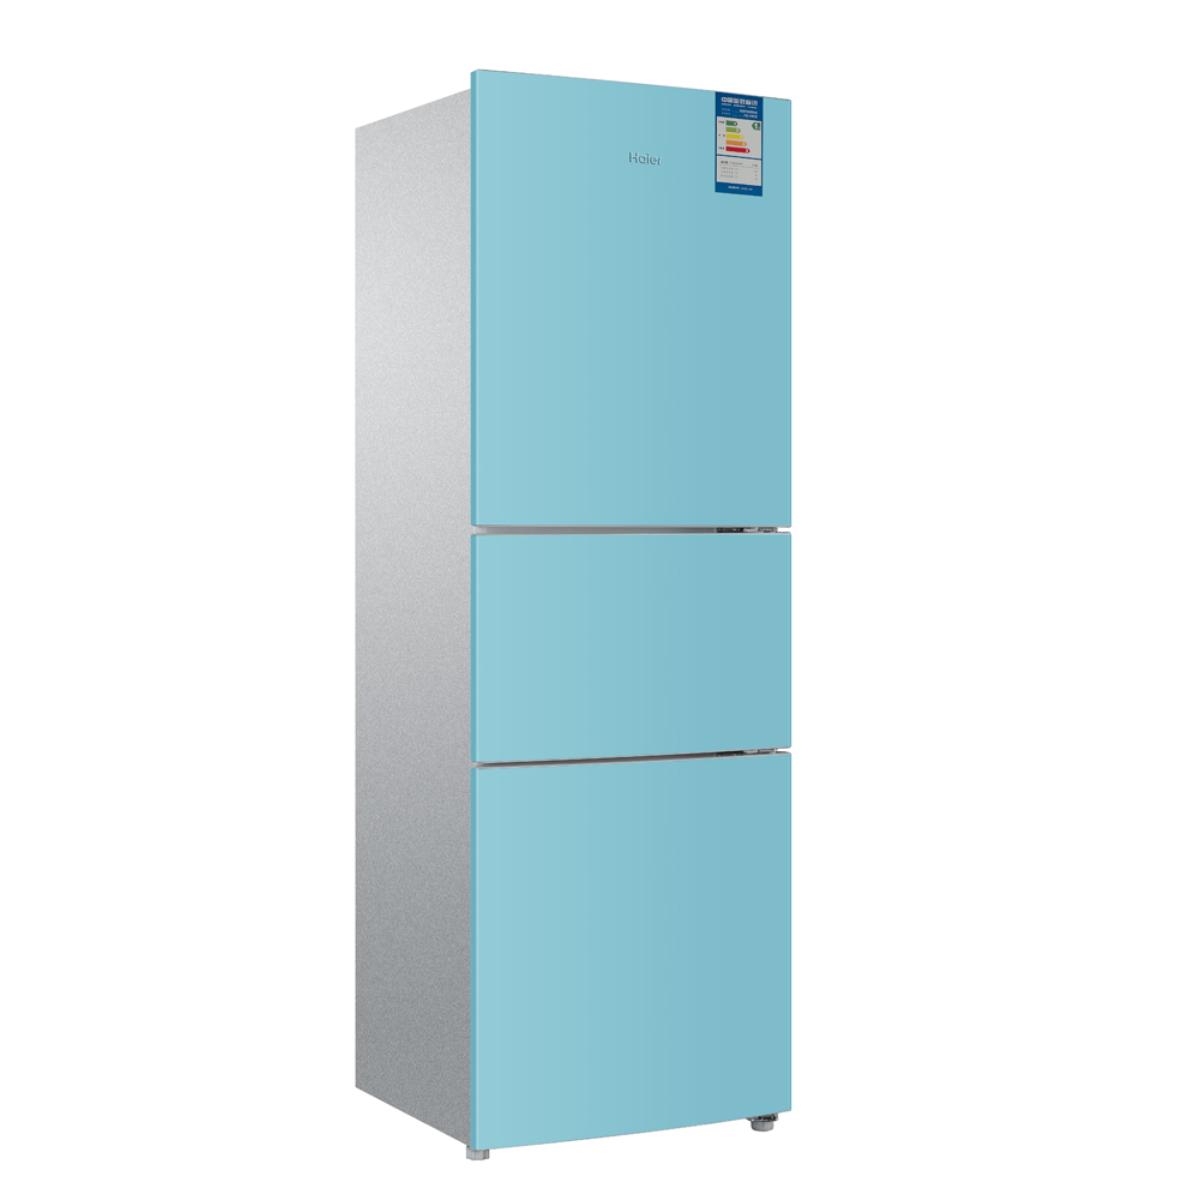 国产品牌冰箱怎样选 国产品牌冰箱推荐